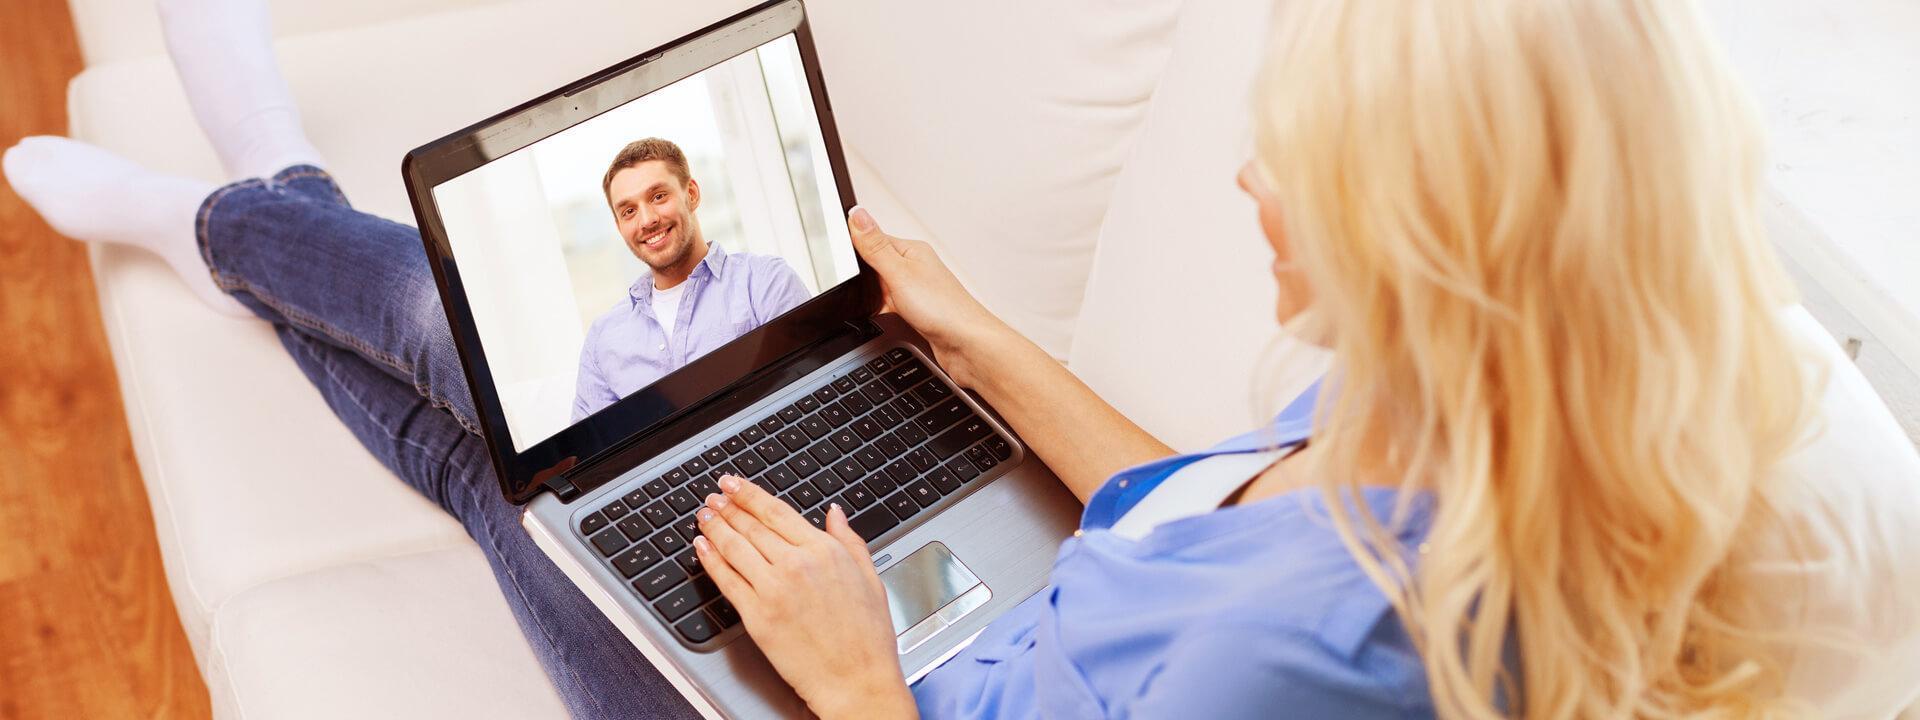 Per Video-Chat unterhalten